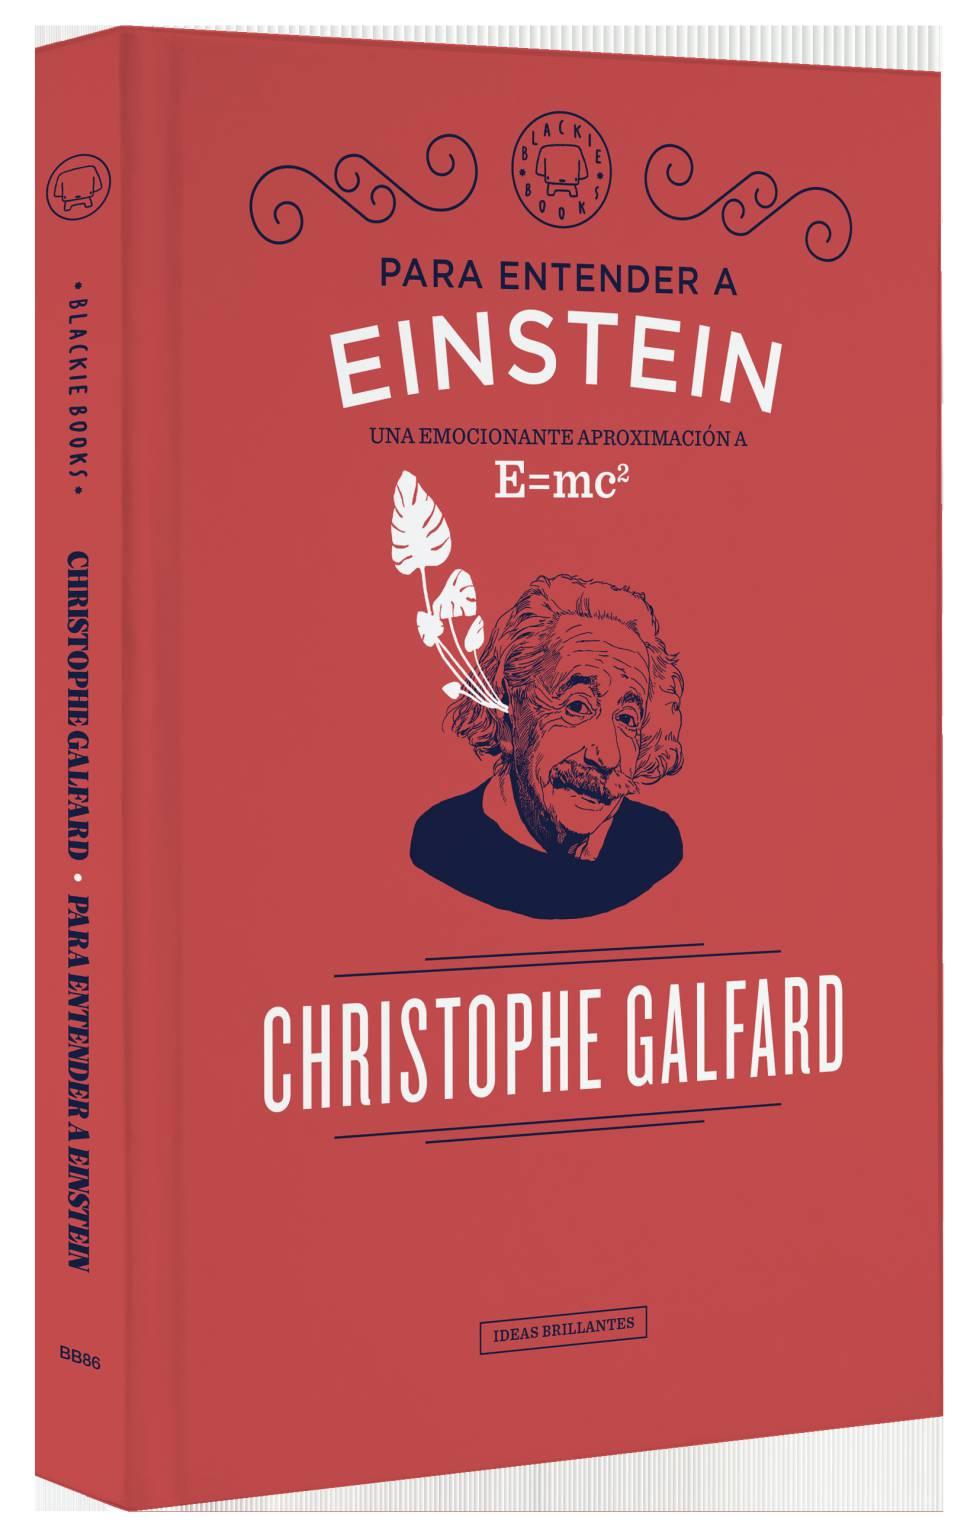 La fórmula más bella de la historia conecta a Einstein y a Kim Jong-un